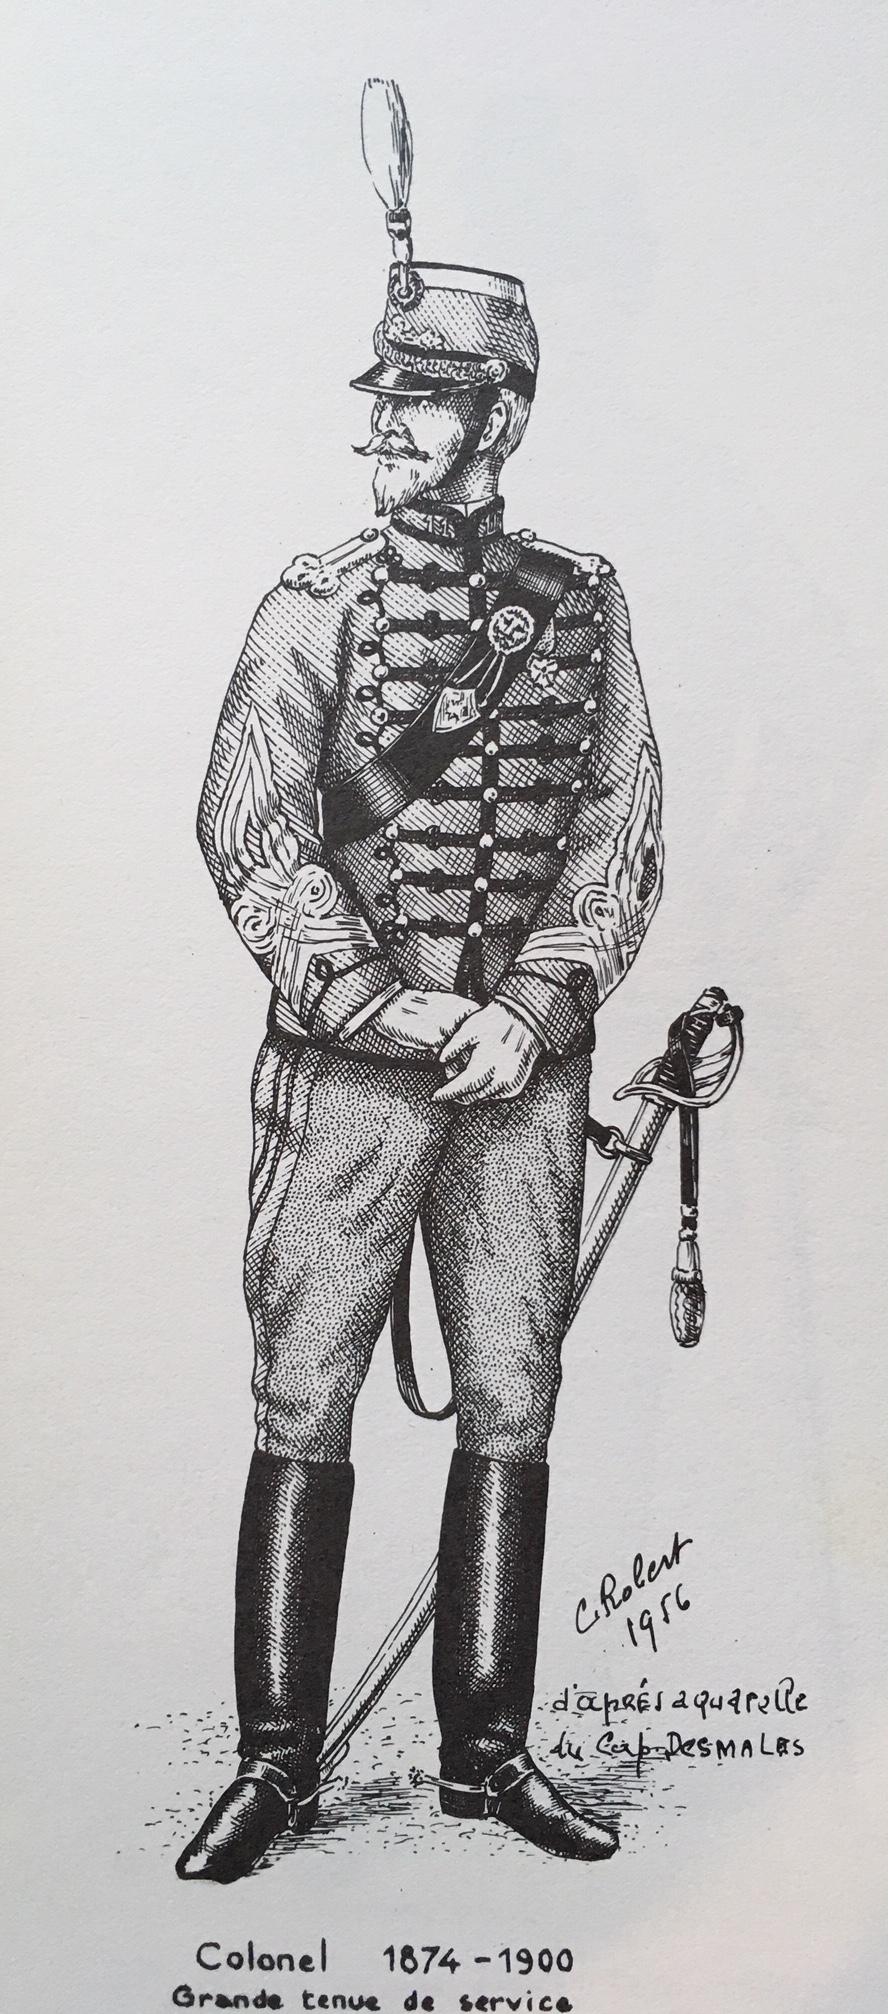 Aigrette colonel hussards